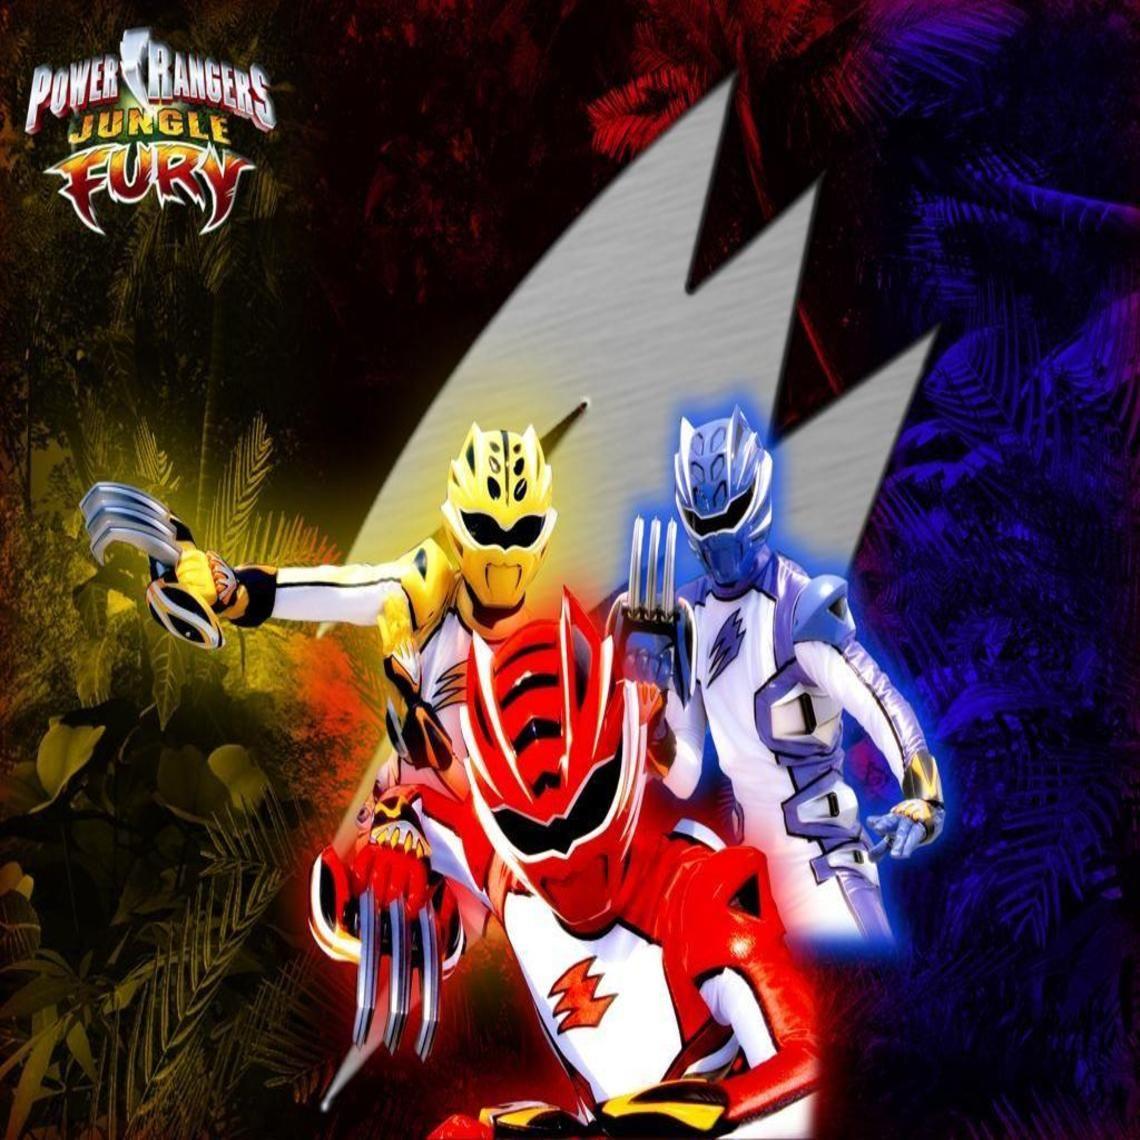 power rangers jungle fury wallpaper wallpaper Pinterest 1140x1140